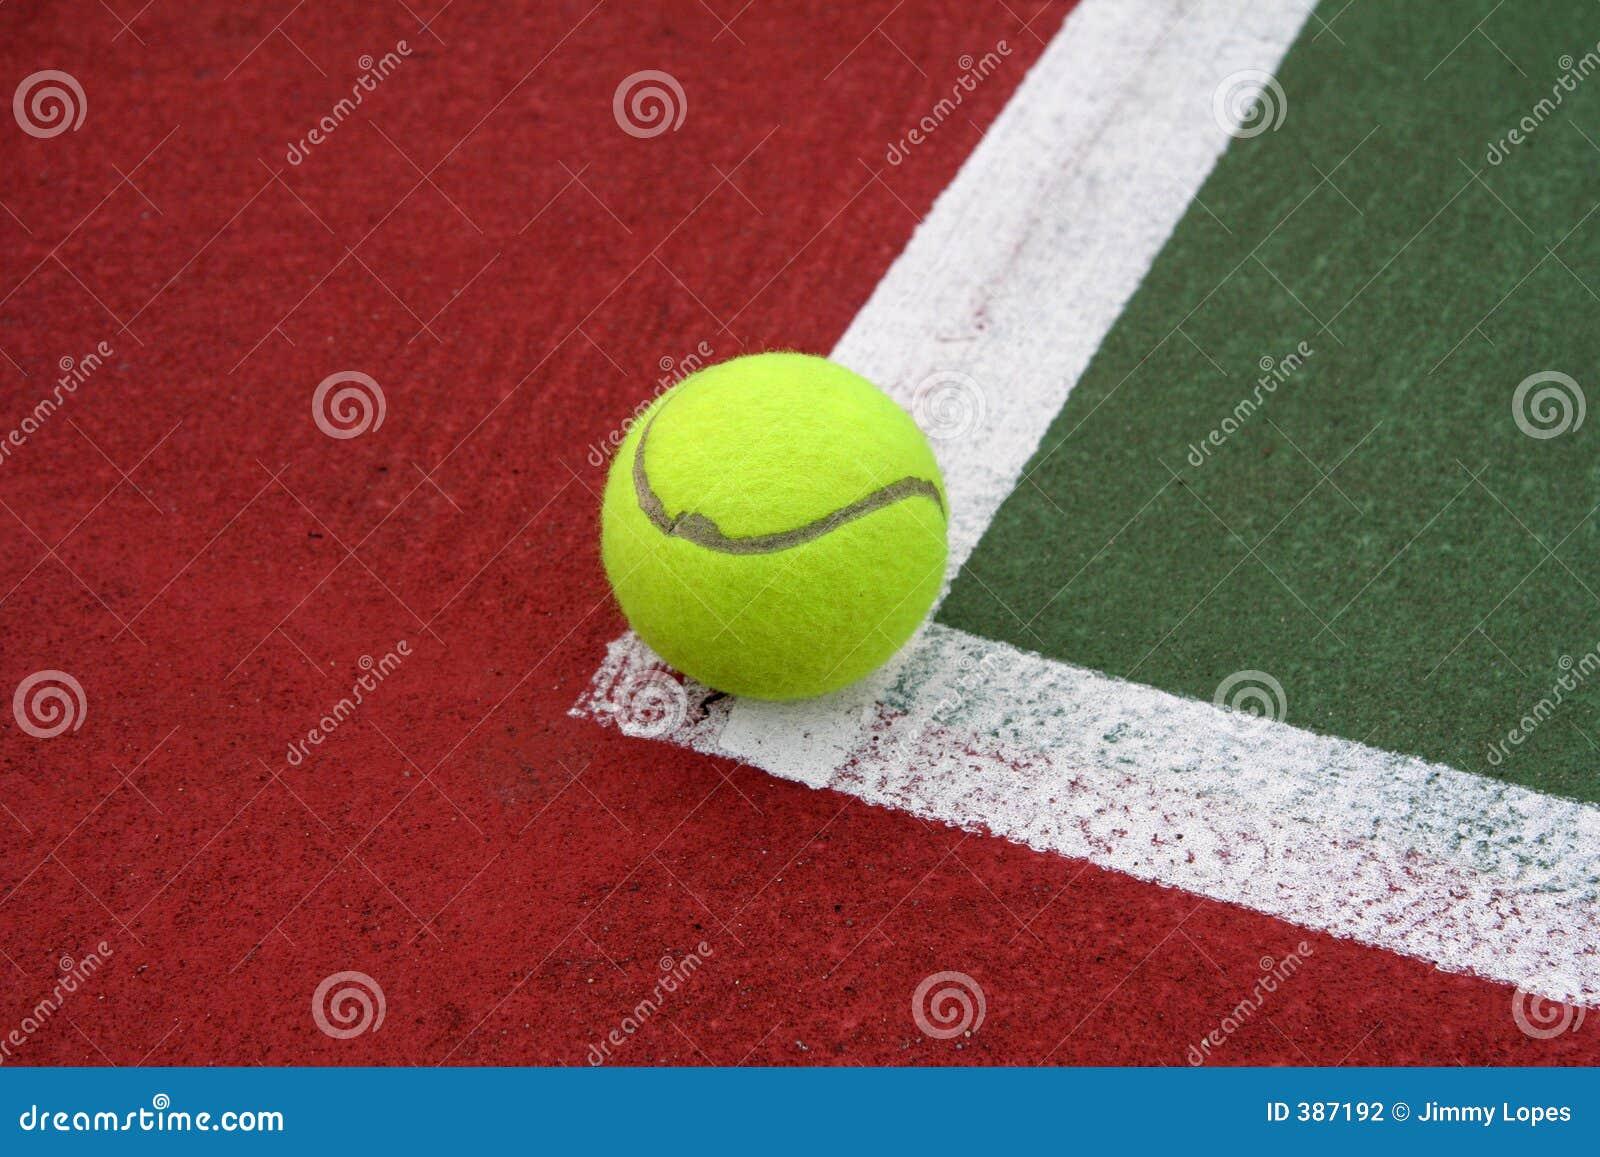 Bolllinje tennis